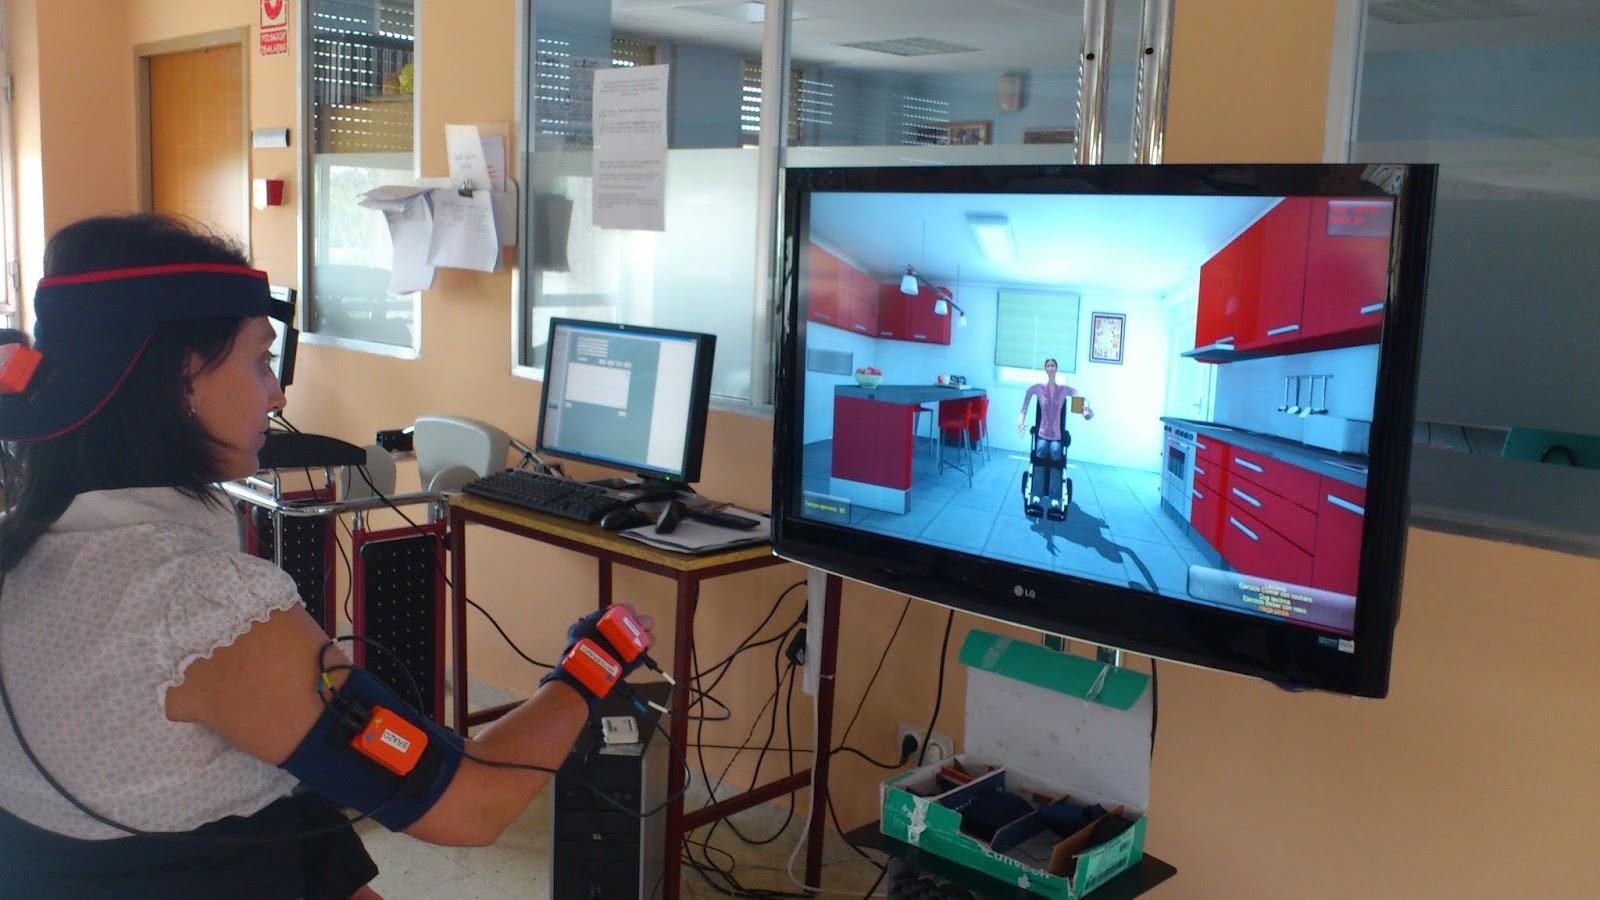 Es una mujer con discapacidad, tomando una sesión de rehabilitación virtual, con una pantalla de tv